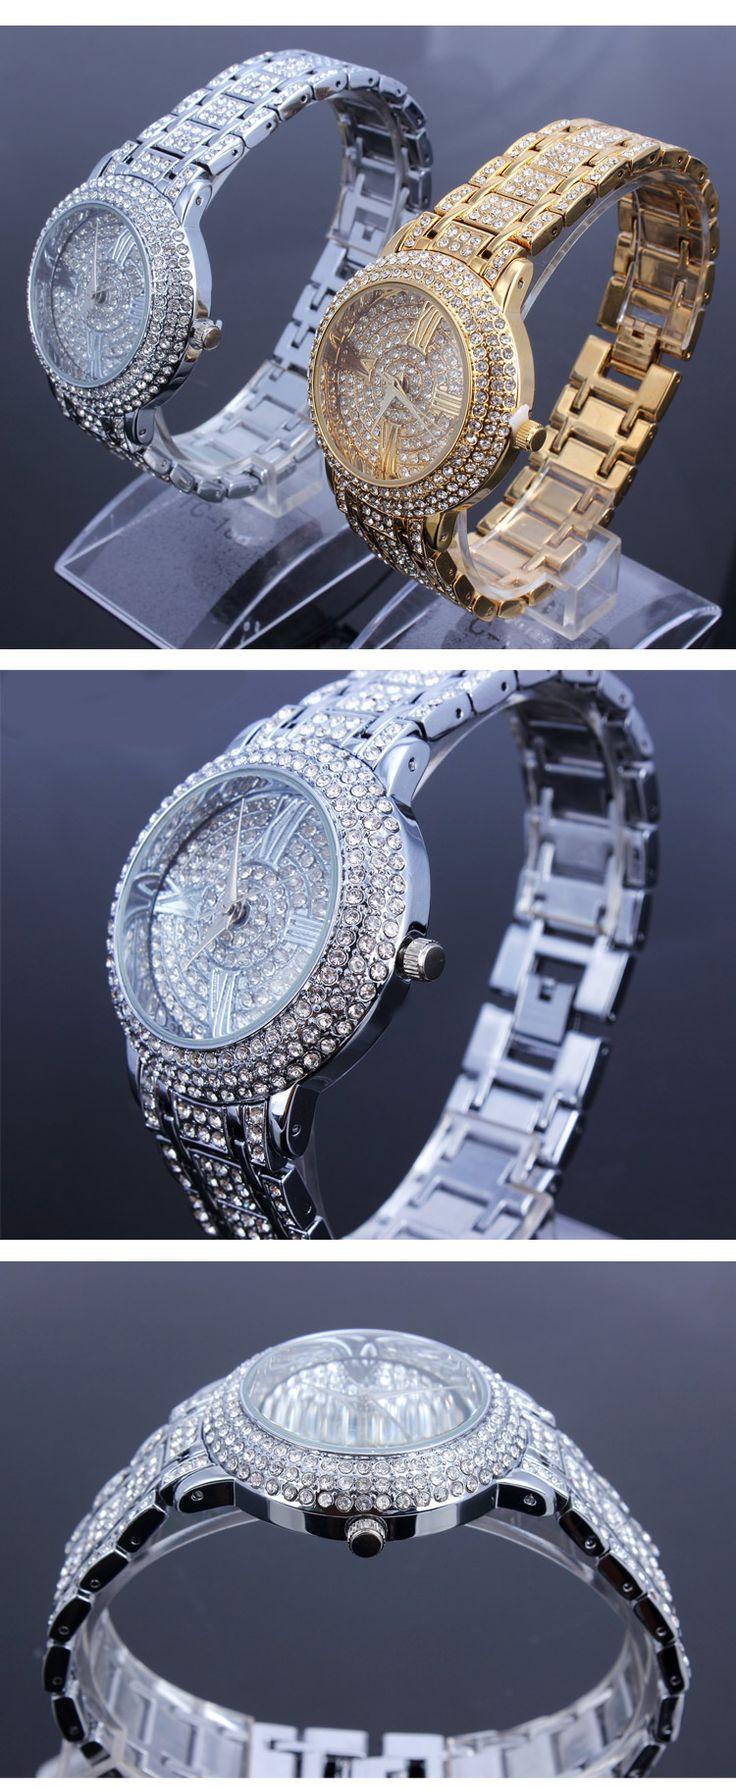 Moda reloj femenina 2014 de calidad de diamantes de cristal checo de lujo comercial señoras reloj en Relojes de Pulsera de Relojes en AliExpress.com | Alibaba Group